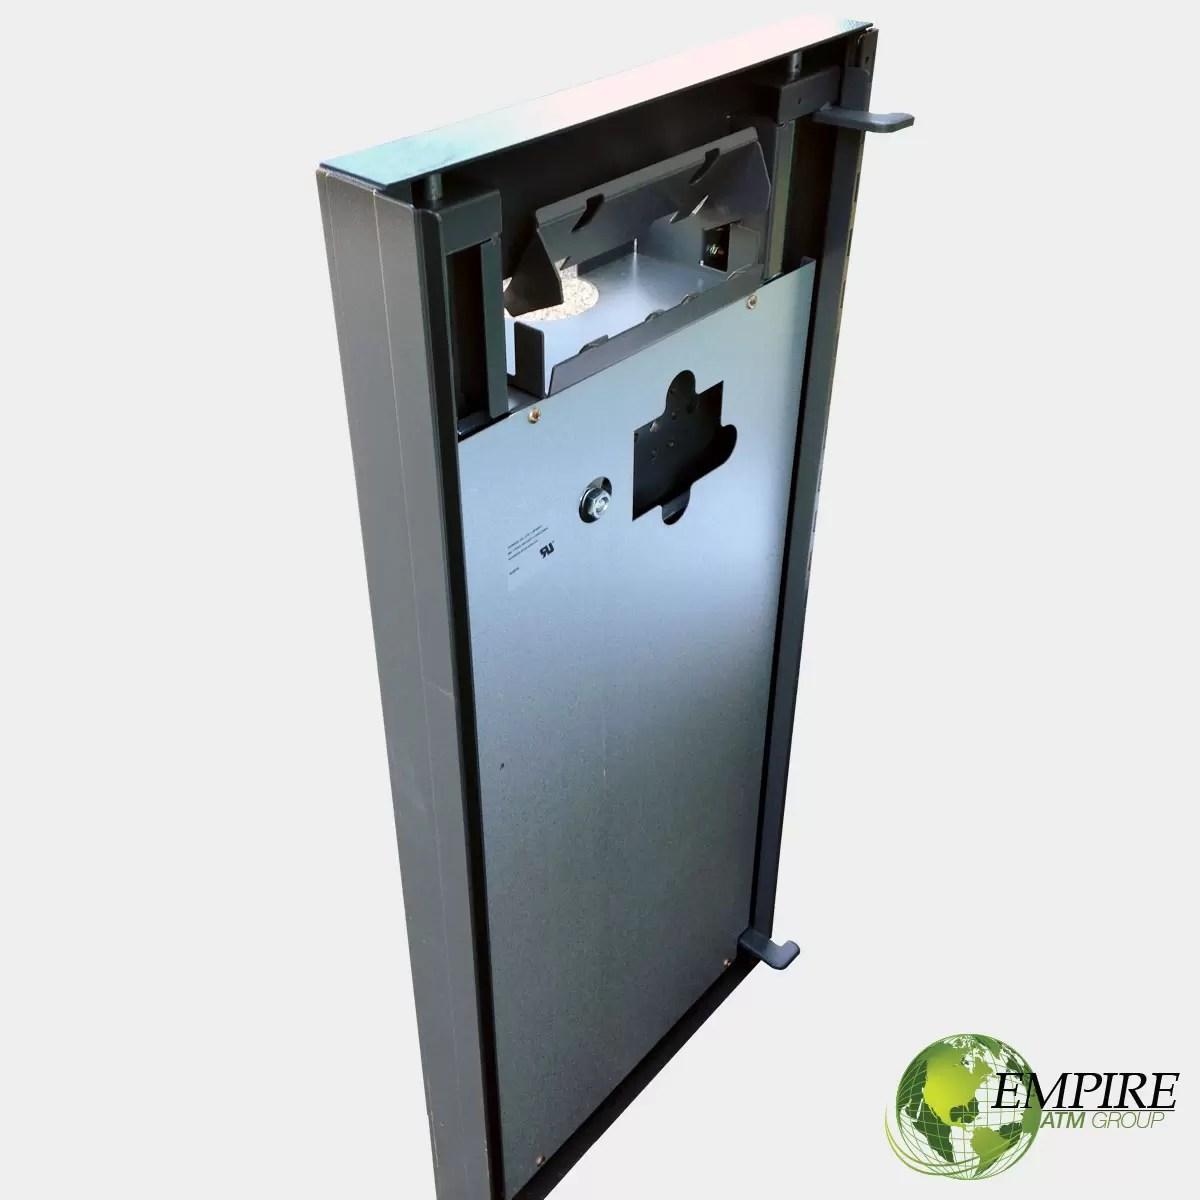 Replacement Vault Door NH 1800SE & Replacement Vault Door NH 1800SE u2013 Empire ATM Group